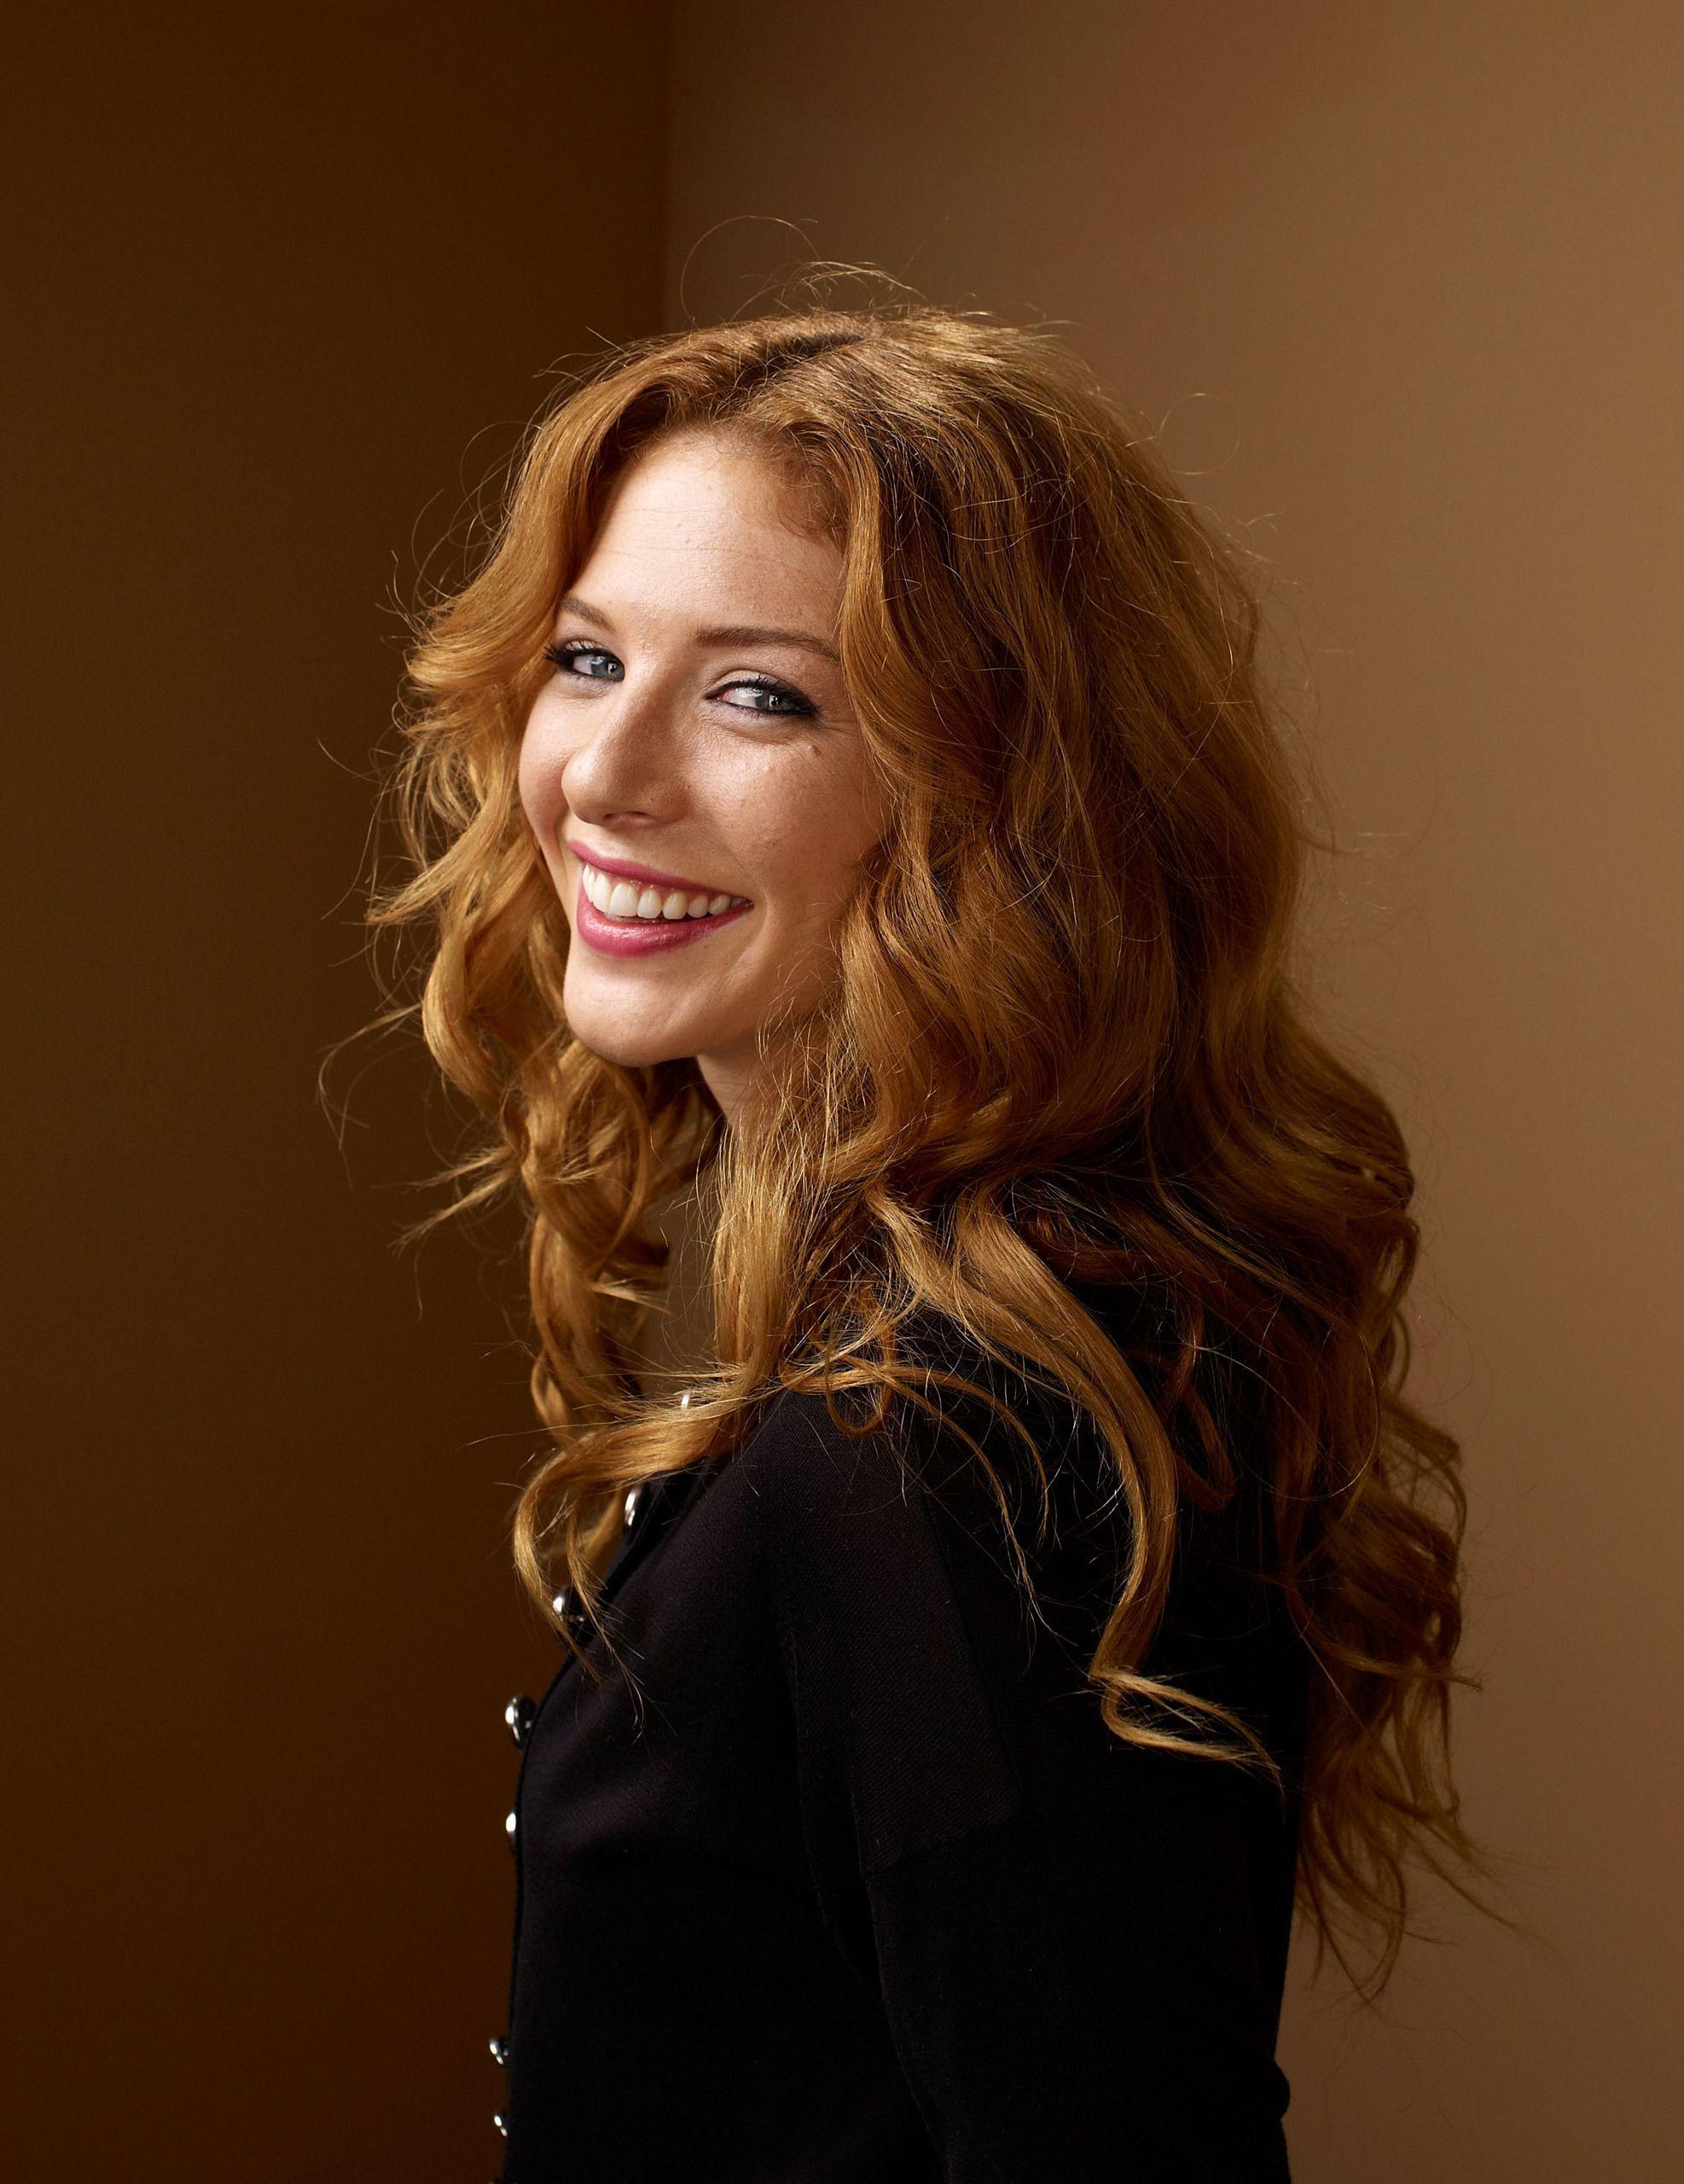 Актриса dana hayes